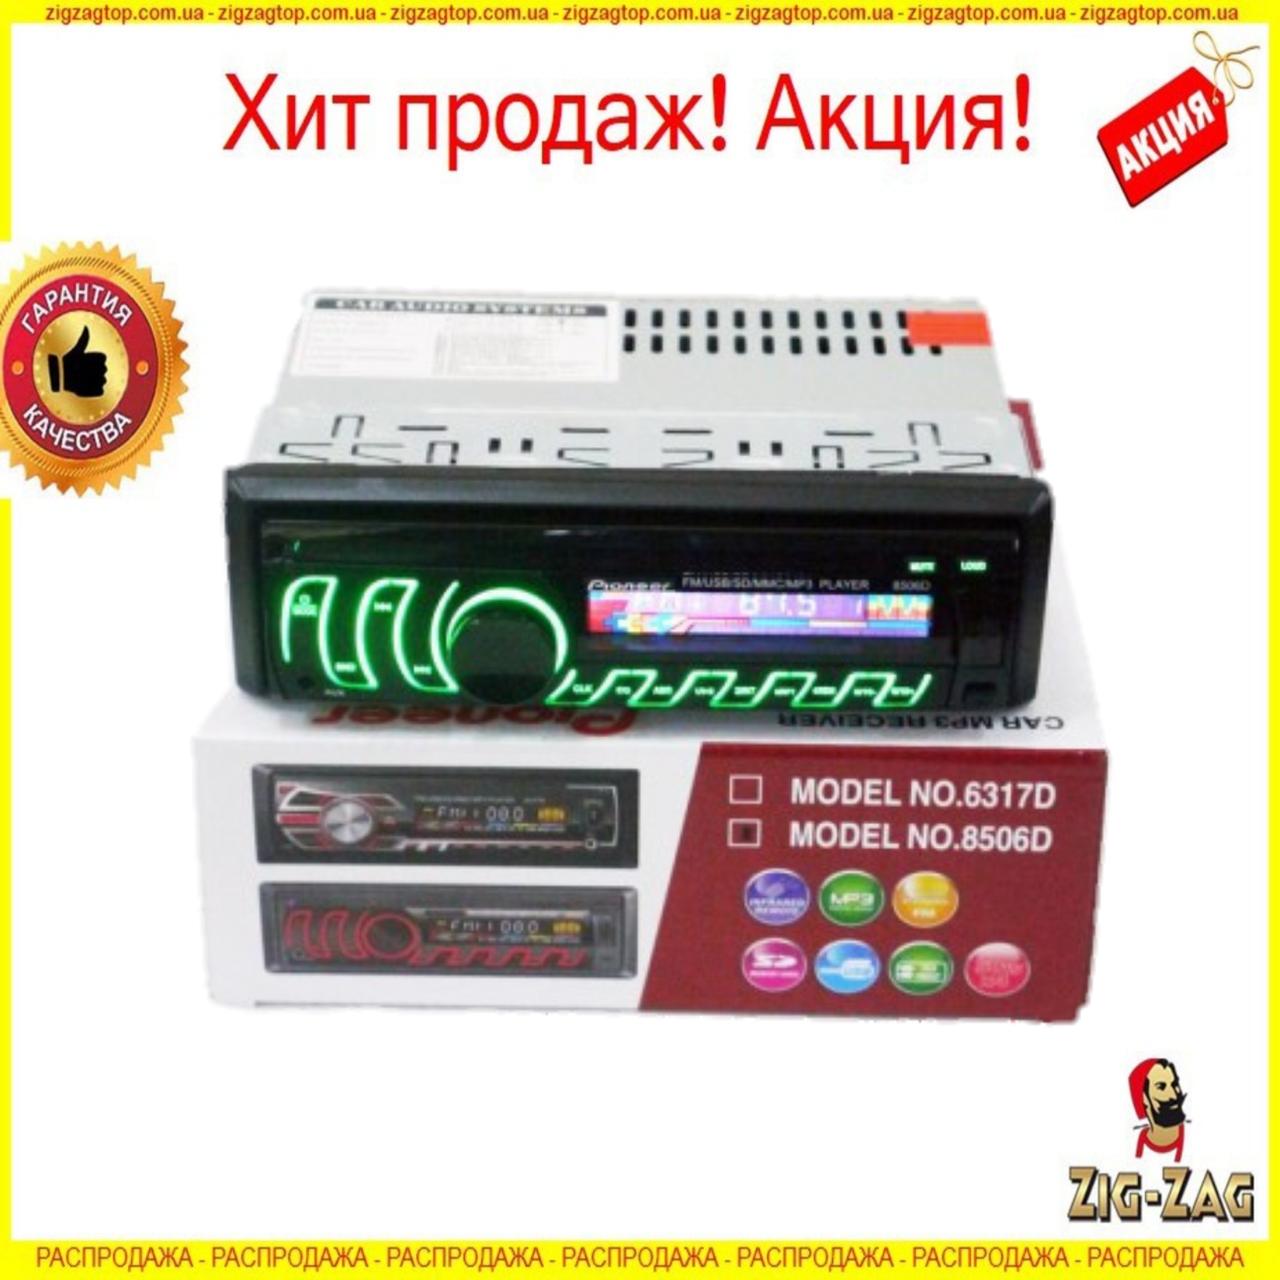 Автомагнітола 1DIN Pioneer MP3-8506 з Пультом магнітола Піонер мп3 в Машину авто MP3+FM+2xUSB+SD+AUX Блютуз